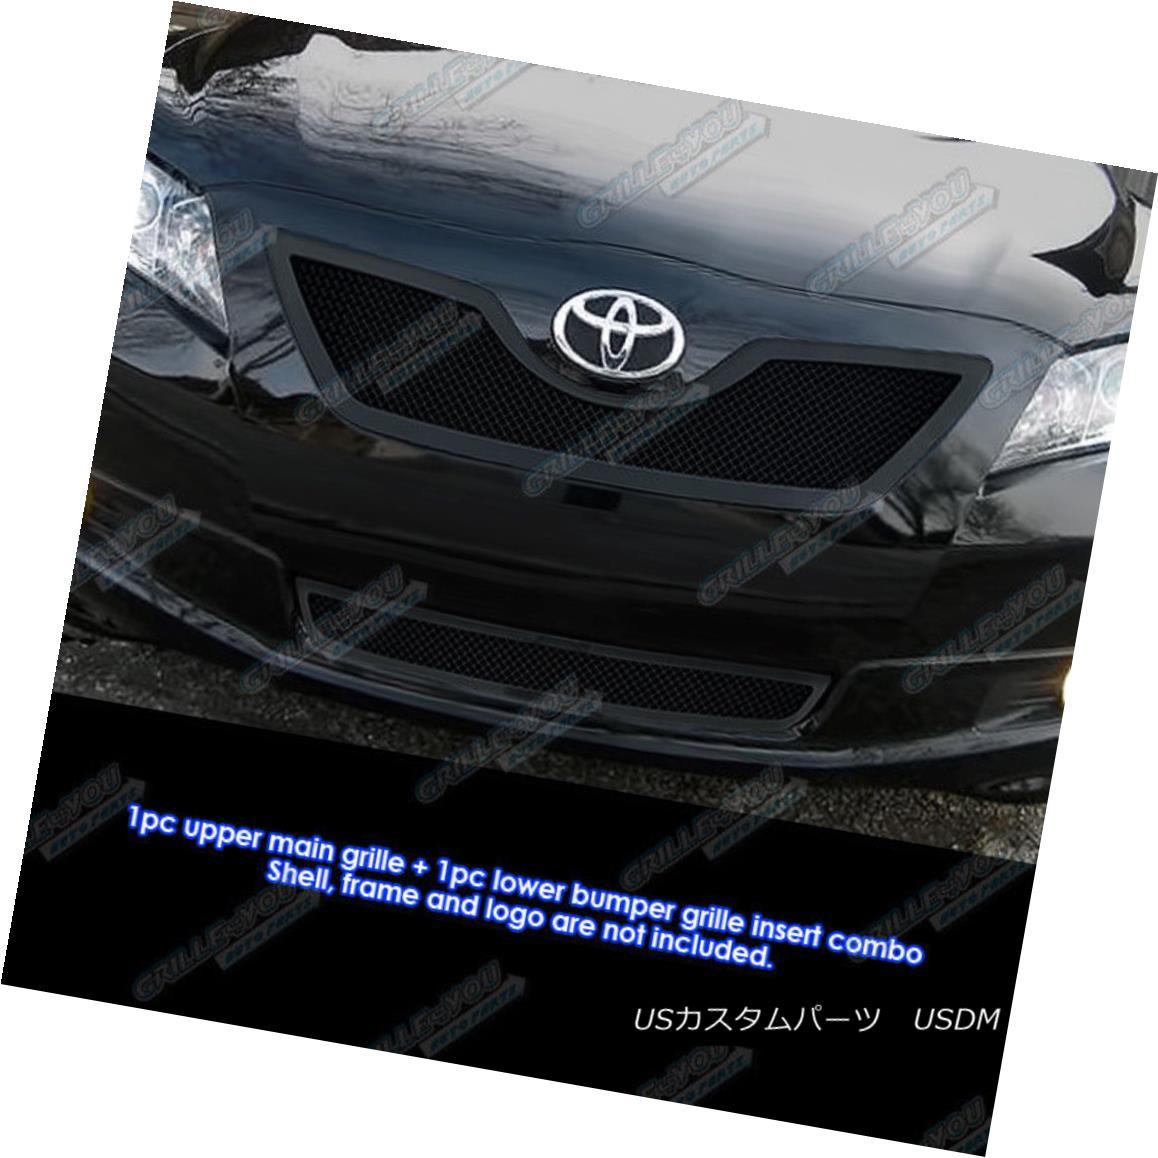 グリル Fits 2007-2009 Toyota Camry Black Stainless Steel Mesh Grille Combo Insert フィット2007-2009トヨタカムリブラックステンレスメッシュグリルコンボインサート